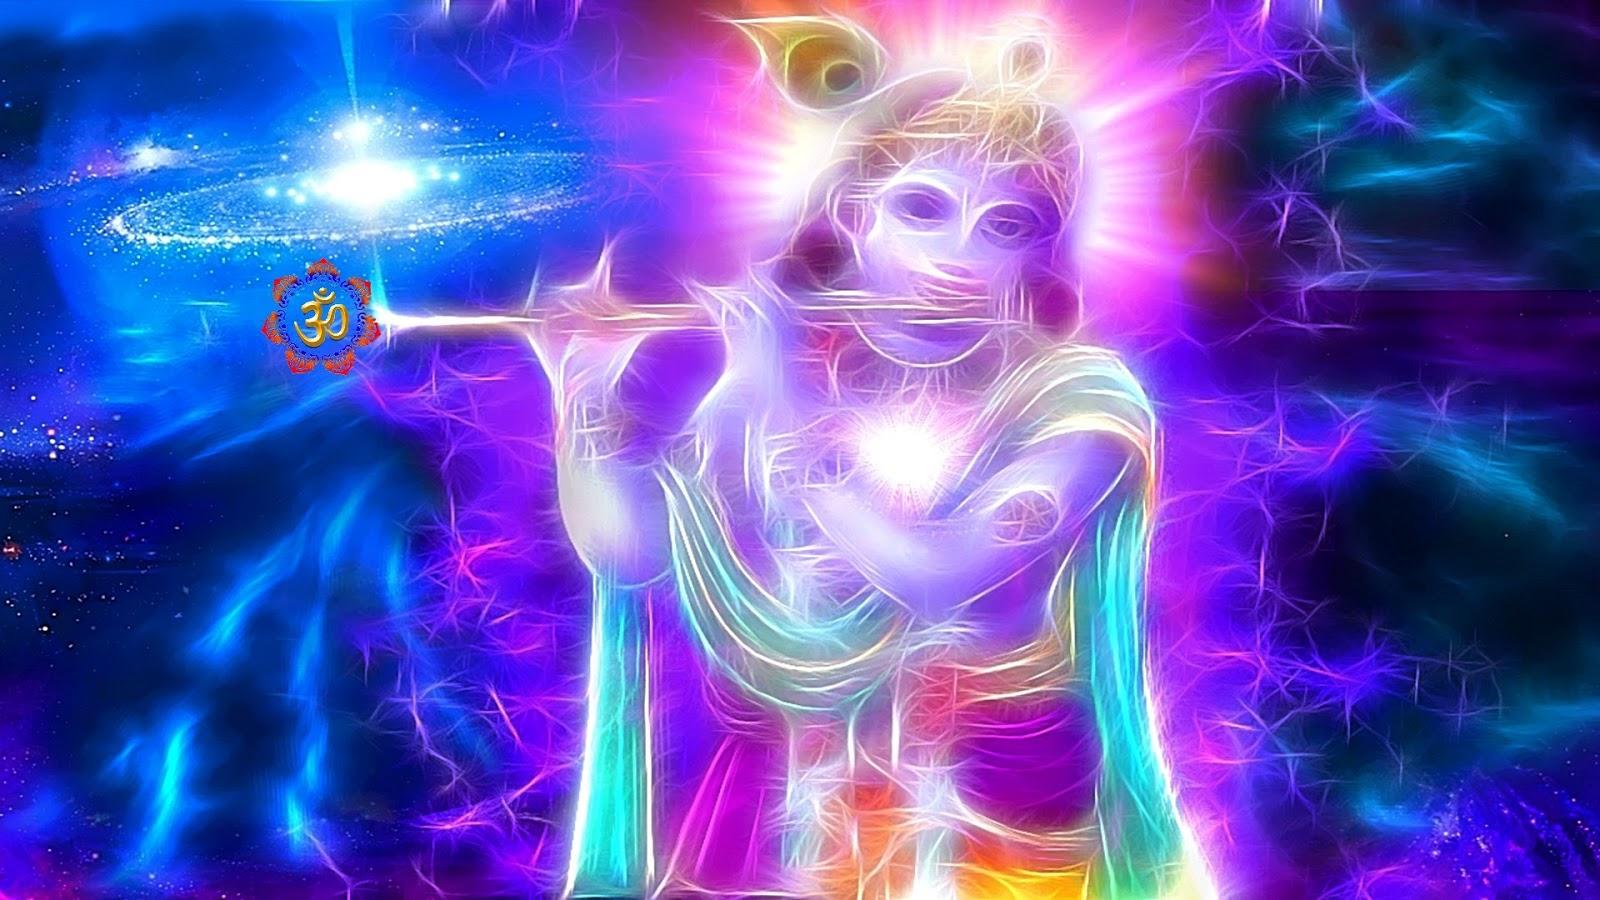 3d Hindu God Wallpaper - Hare Krishna Facebook Cover - HD Wallpaper